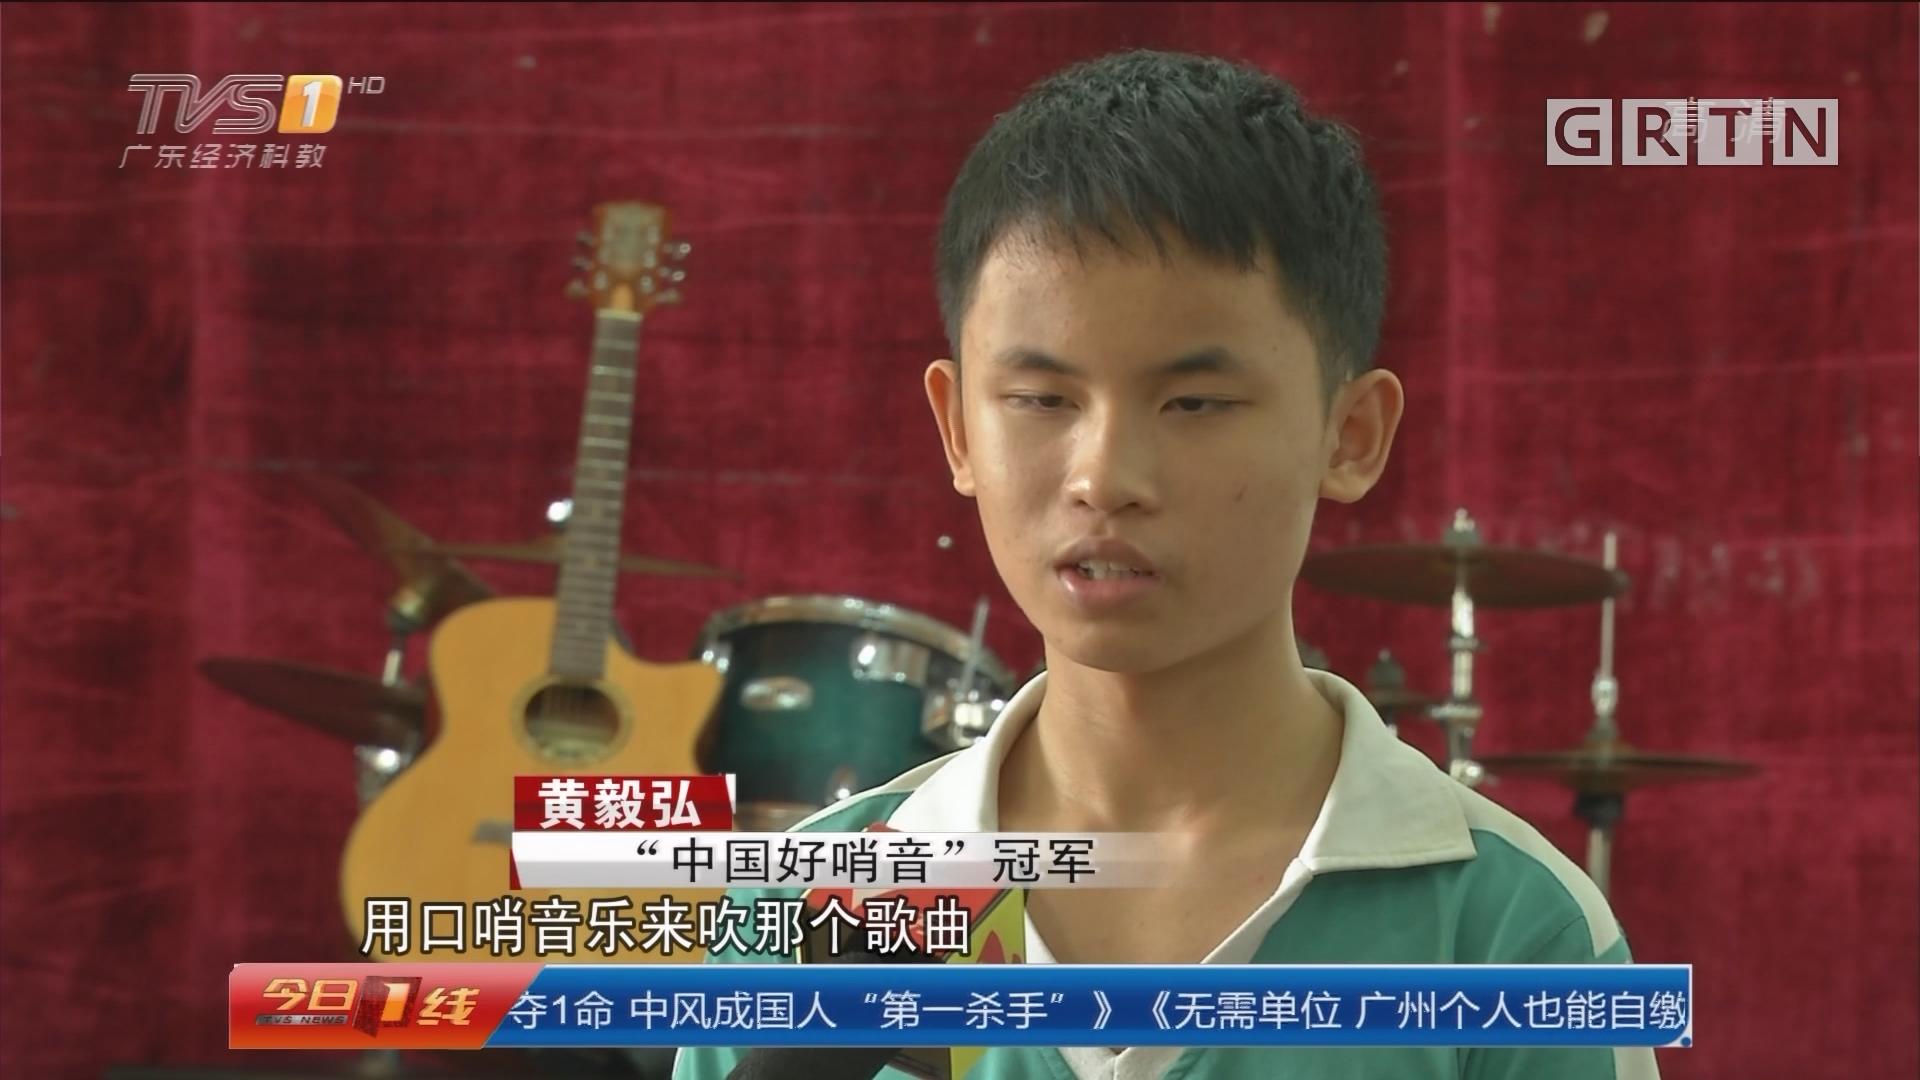 国际盲人节特别策划:口哨少年 14岁视障少年 吹口哨夺全国桂冠